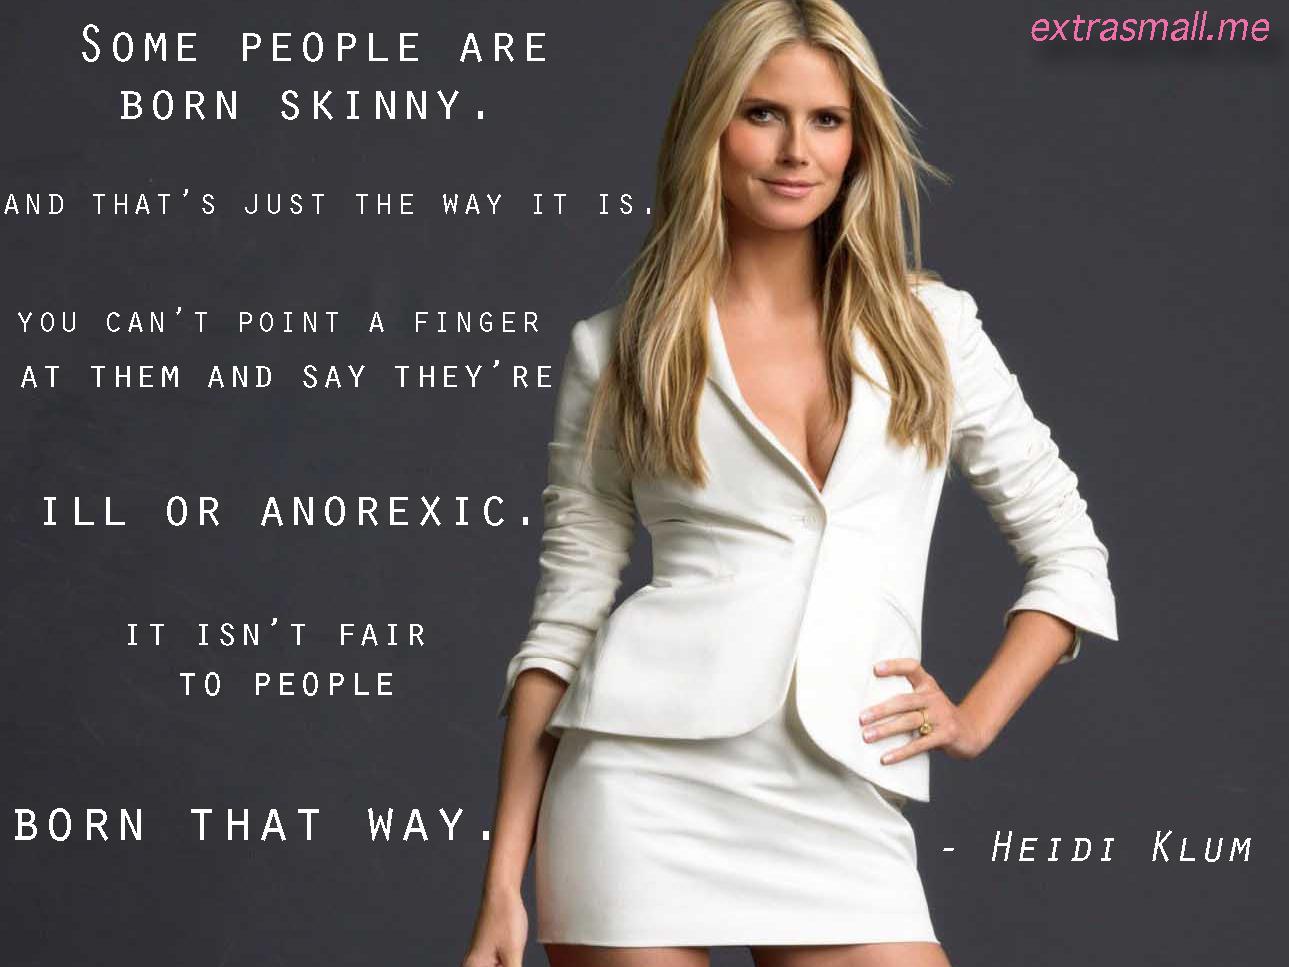 Heidi Klum's quote #1